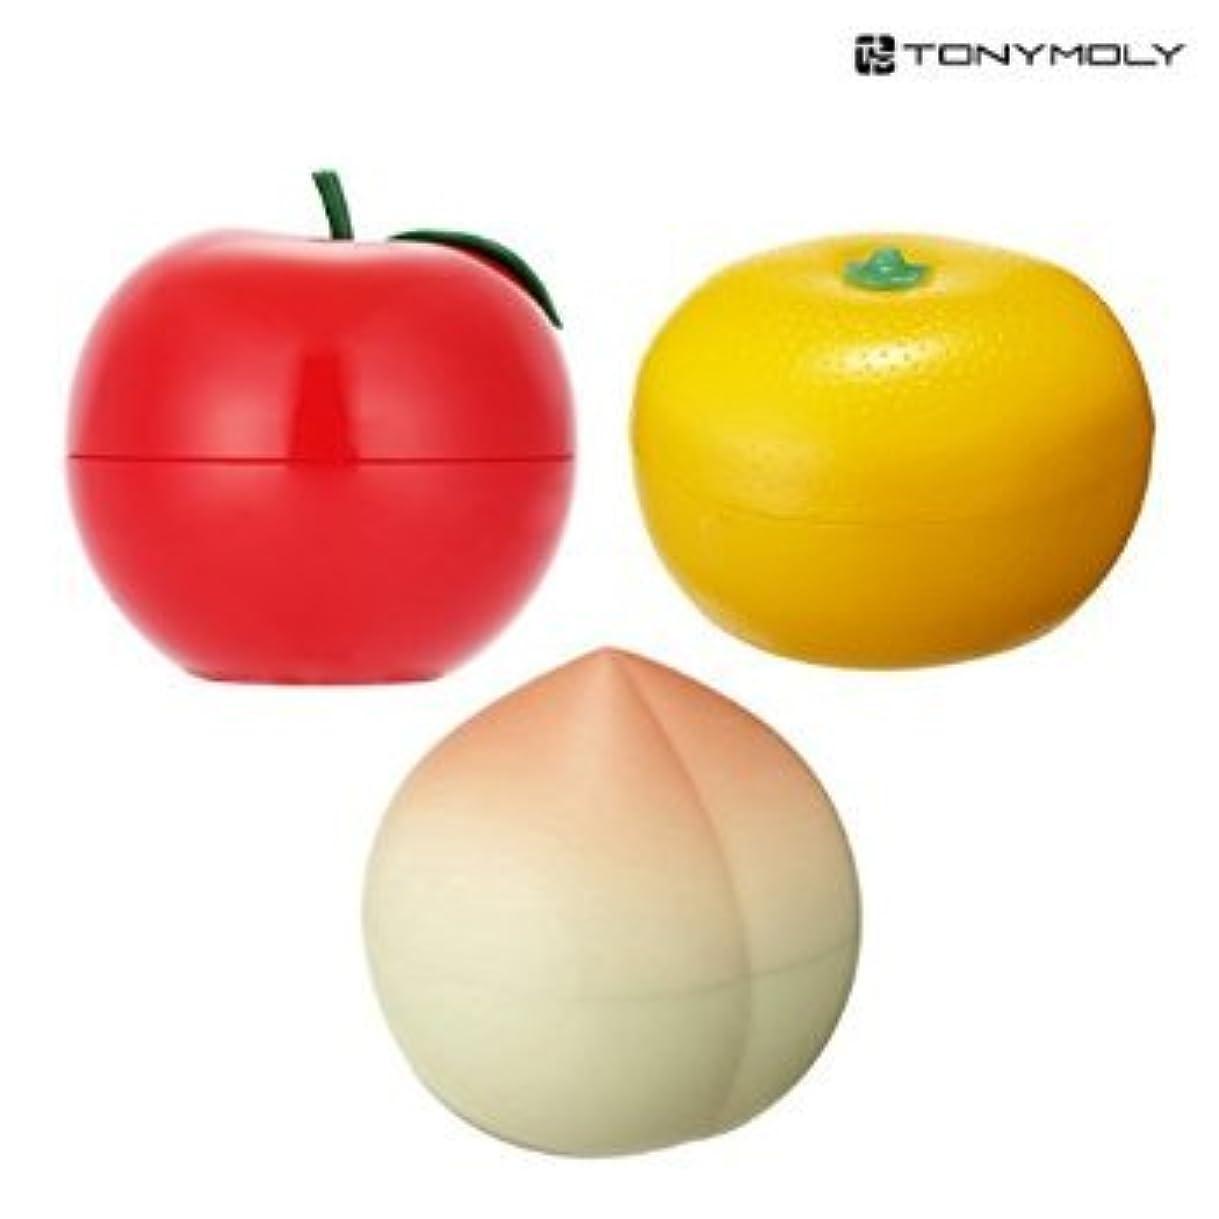 プロトタイプ軸回復するTONYMOLY Fruit Hand Cream (3 Set (Red Apple + Tangerine + Peach))